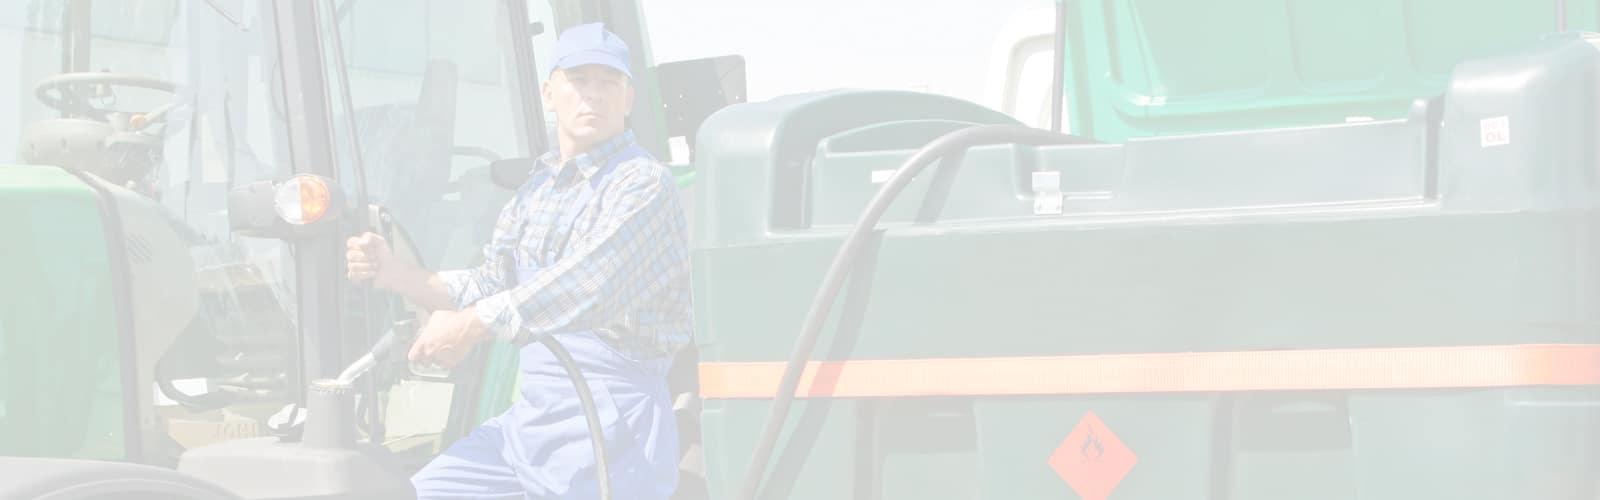 Truckmaster in Anwendung, gesoftet